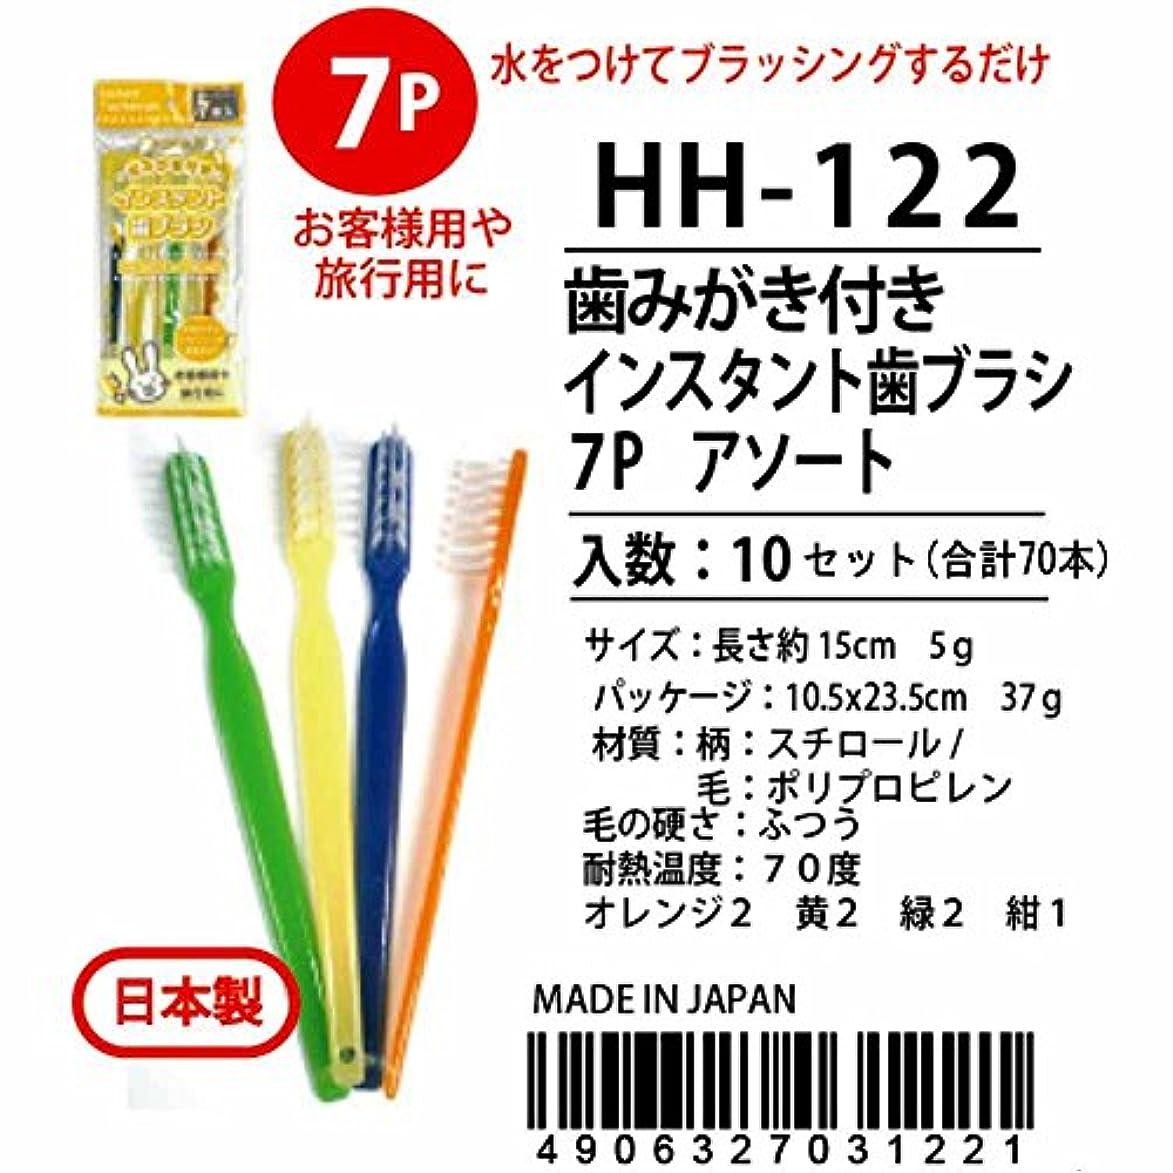 コール皿種スバル 歯みがき付きインスタント歯ブラシ7P アソート HH-122 【まとめ買い10個セット】